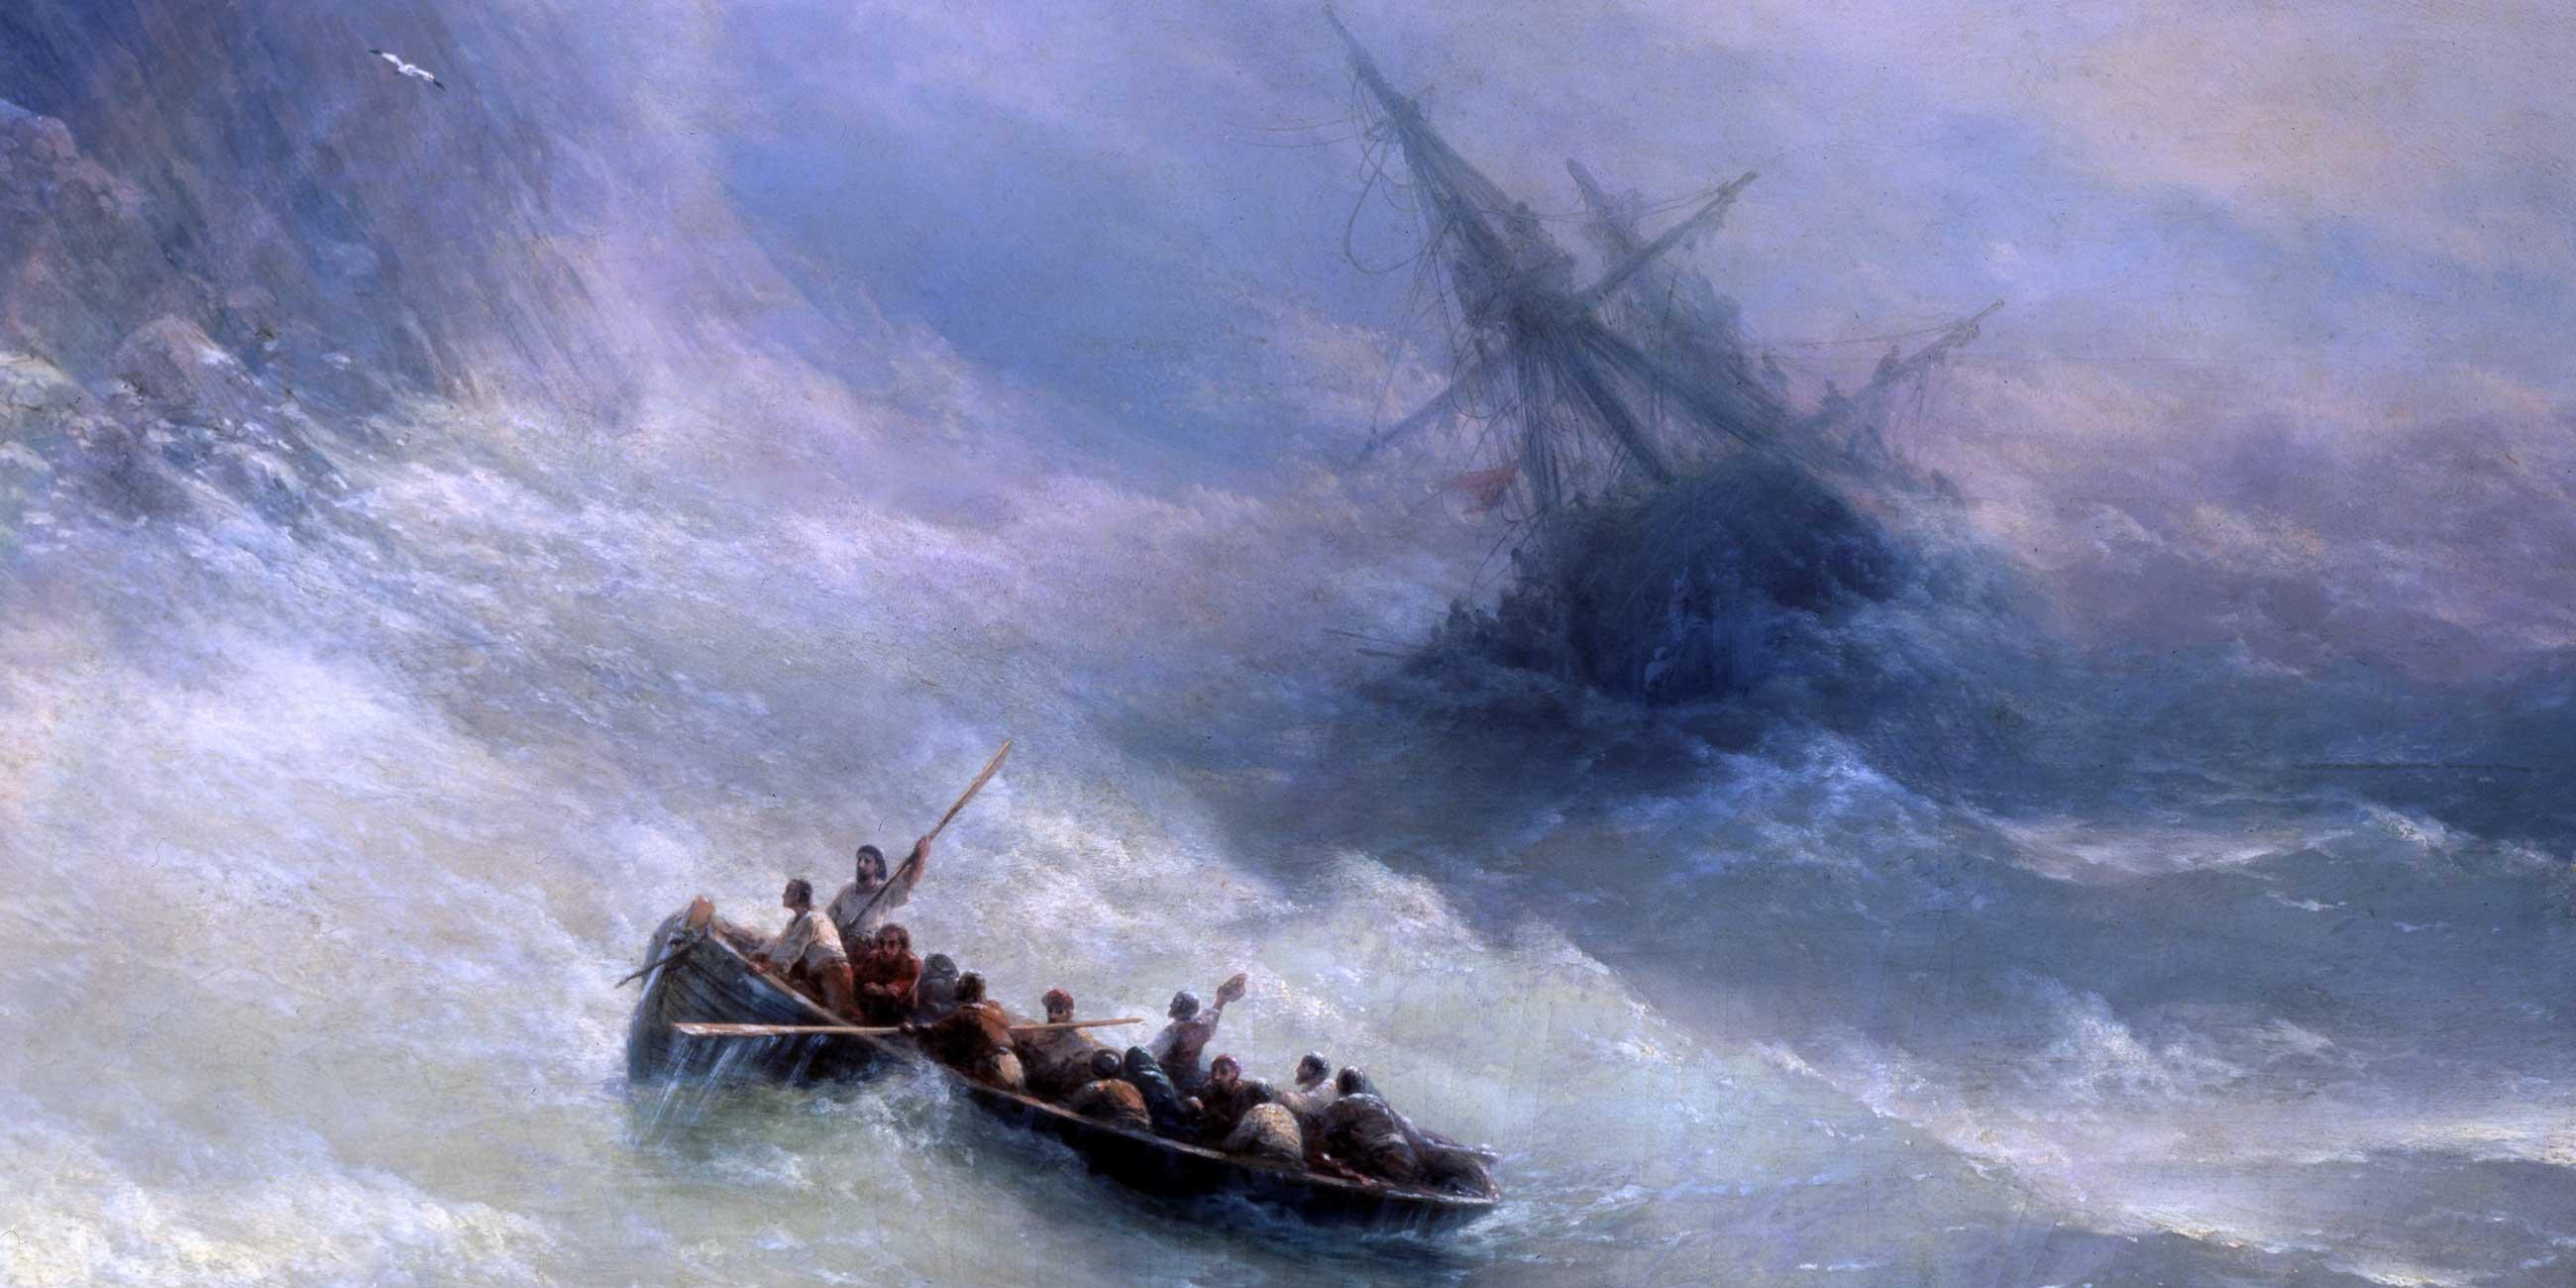 Здесь можно увидеть полотна Айвазовского, Шишкина, Васнецова и других живописцев.Фото: globallookpress.com